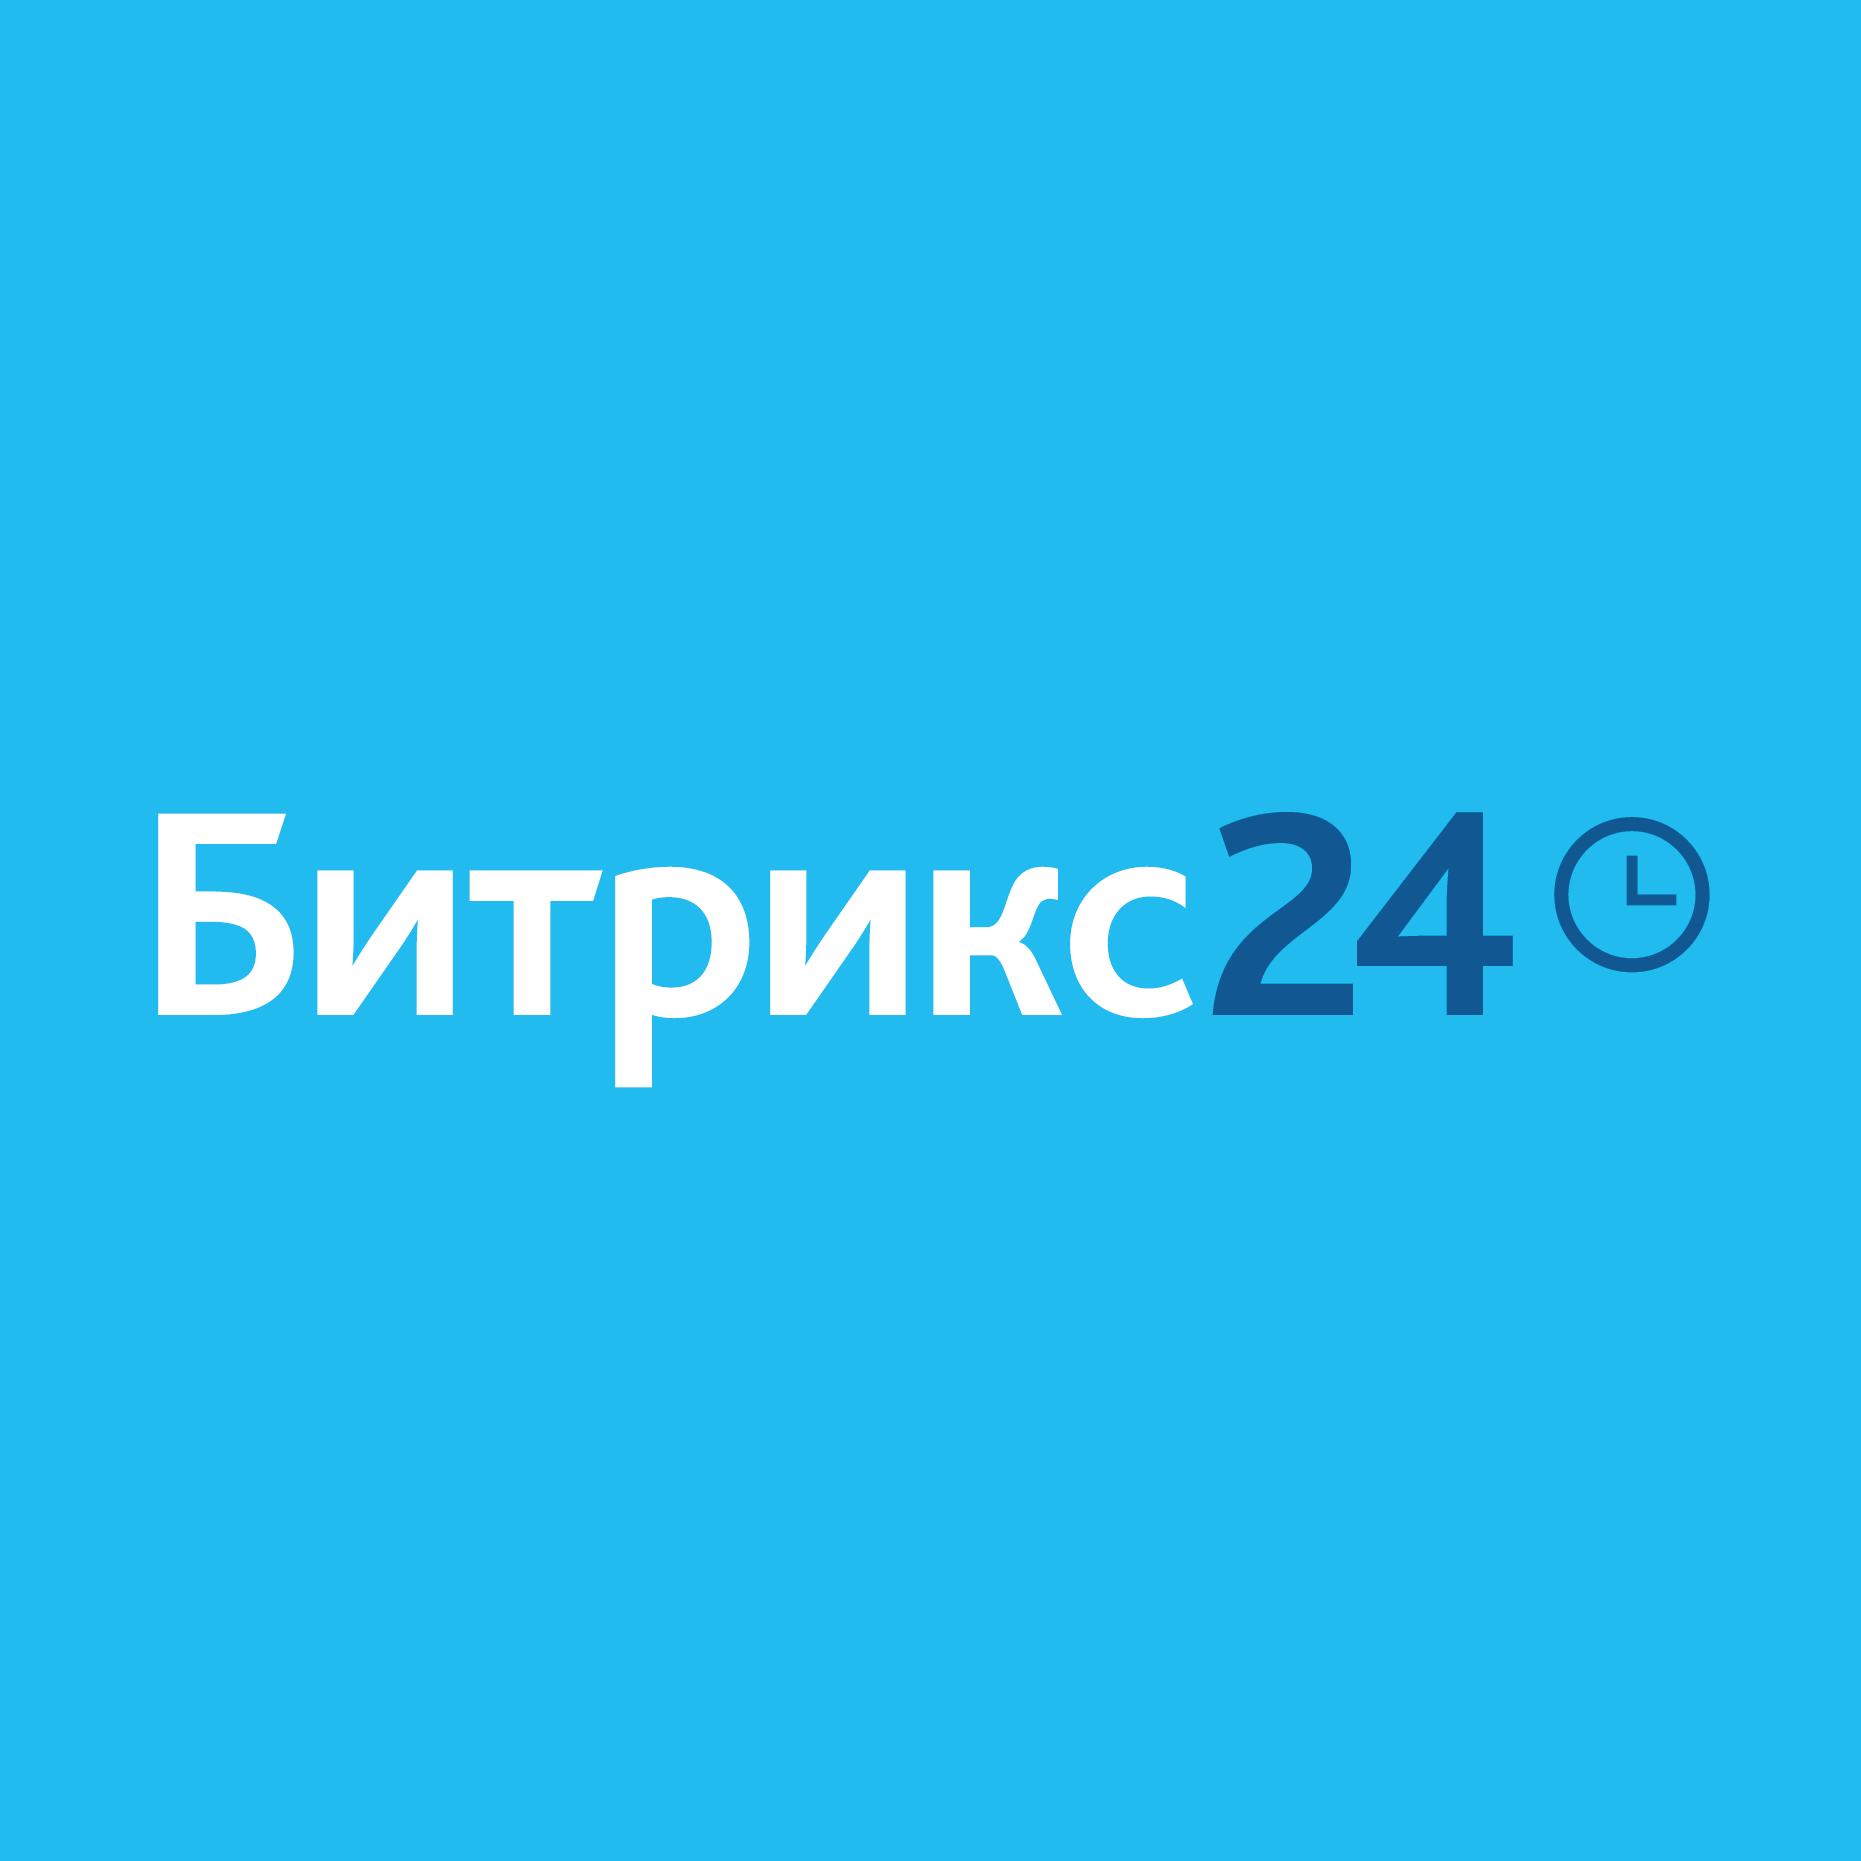 Битрикс 24 лого amocrm егор шарапов